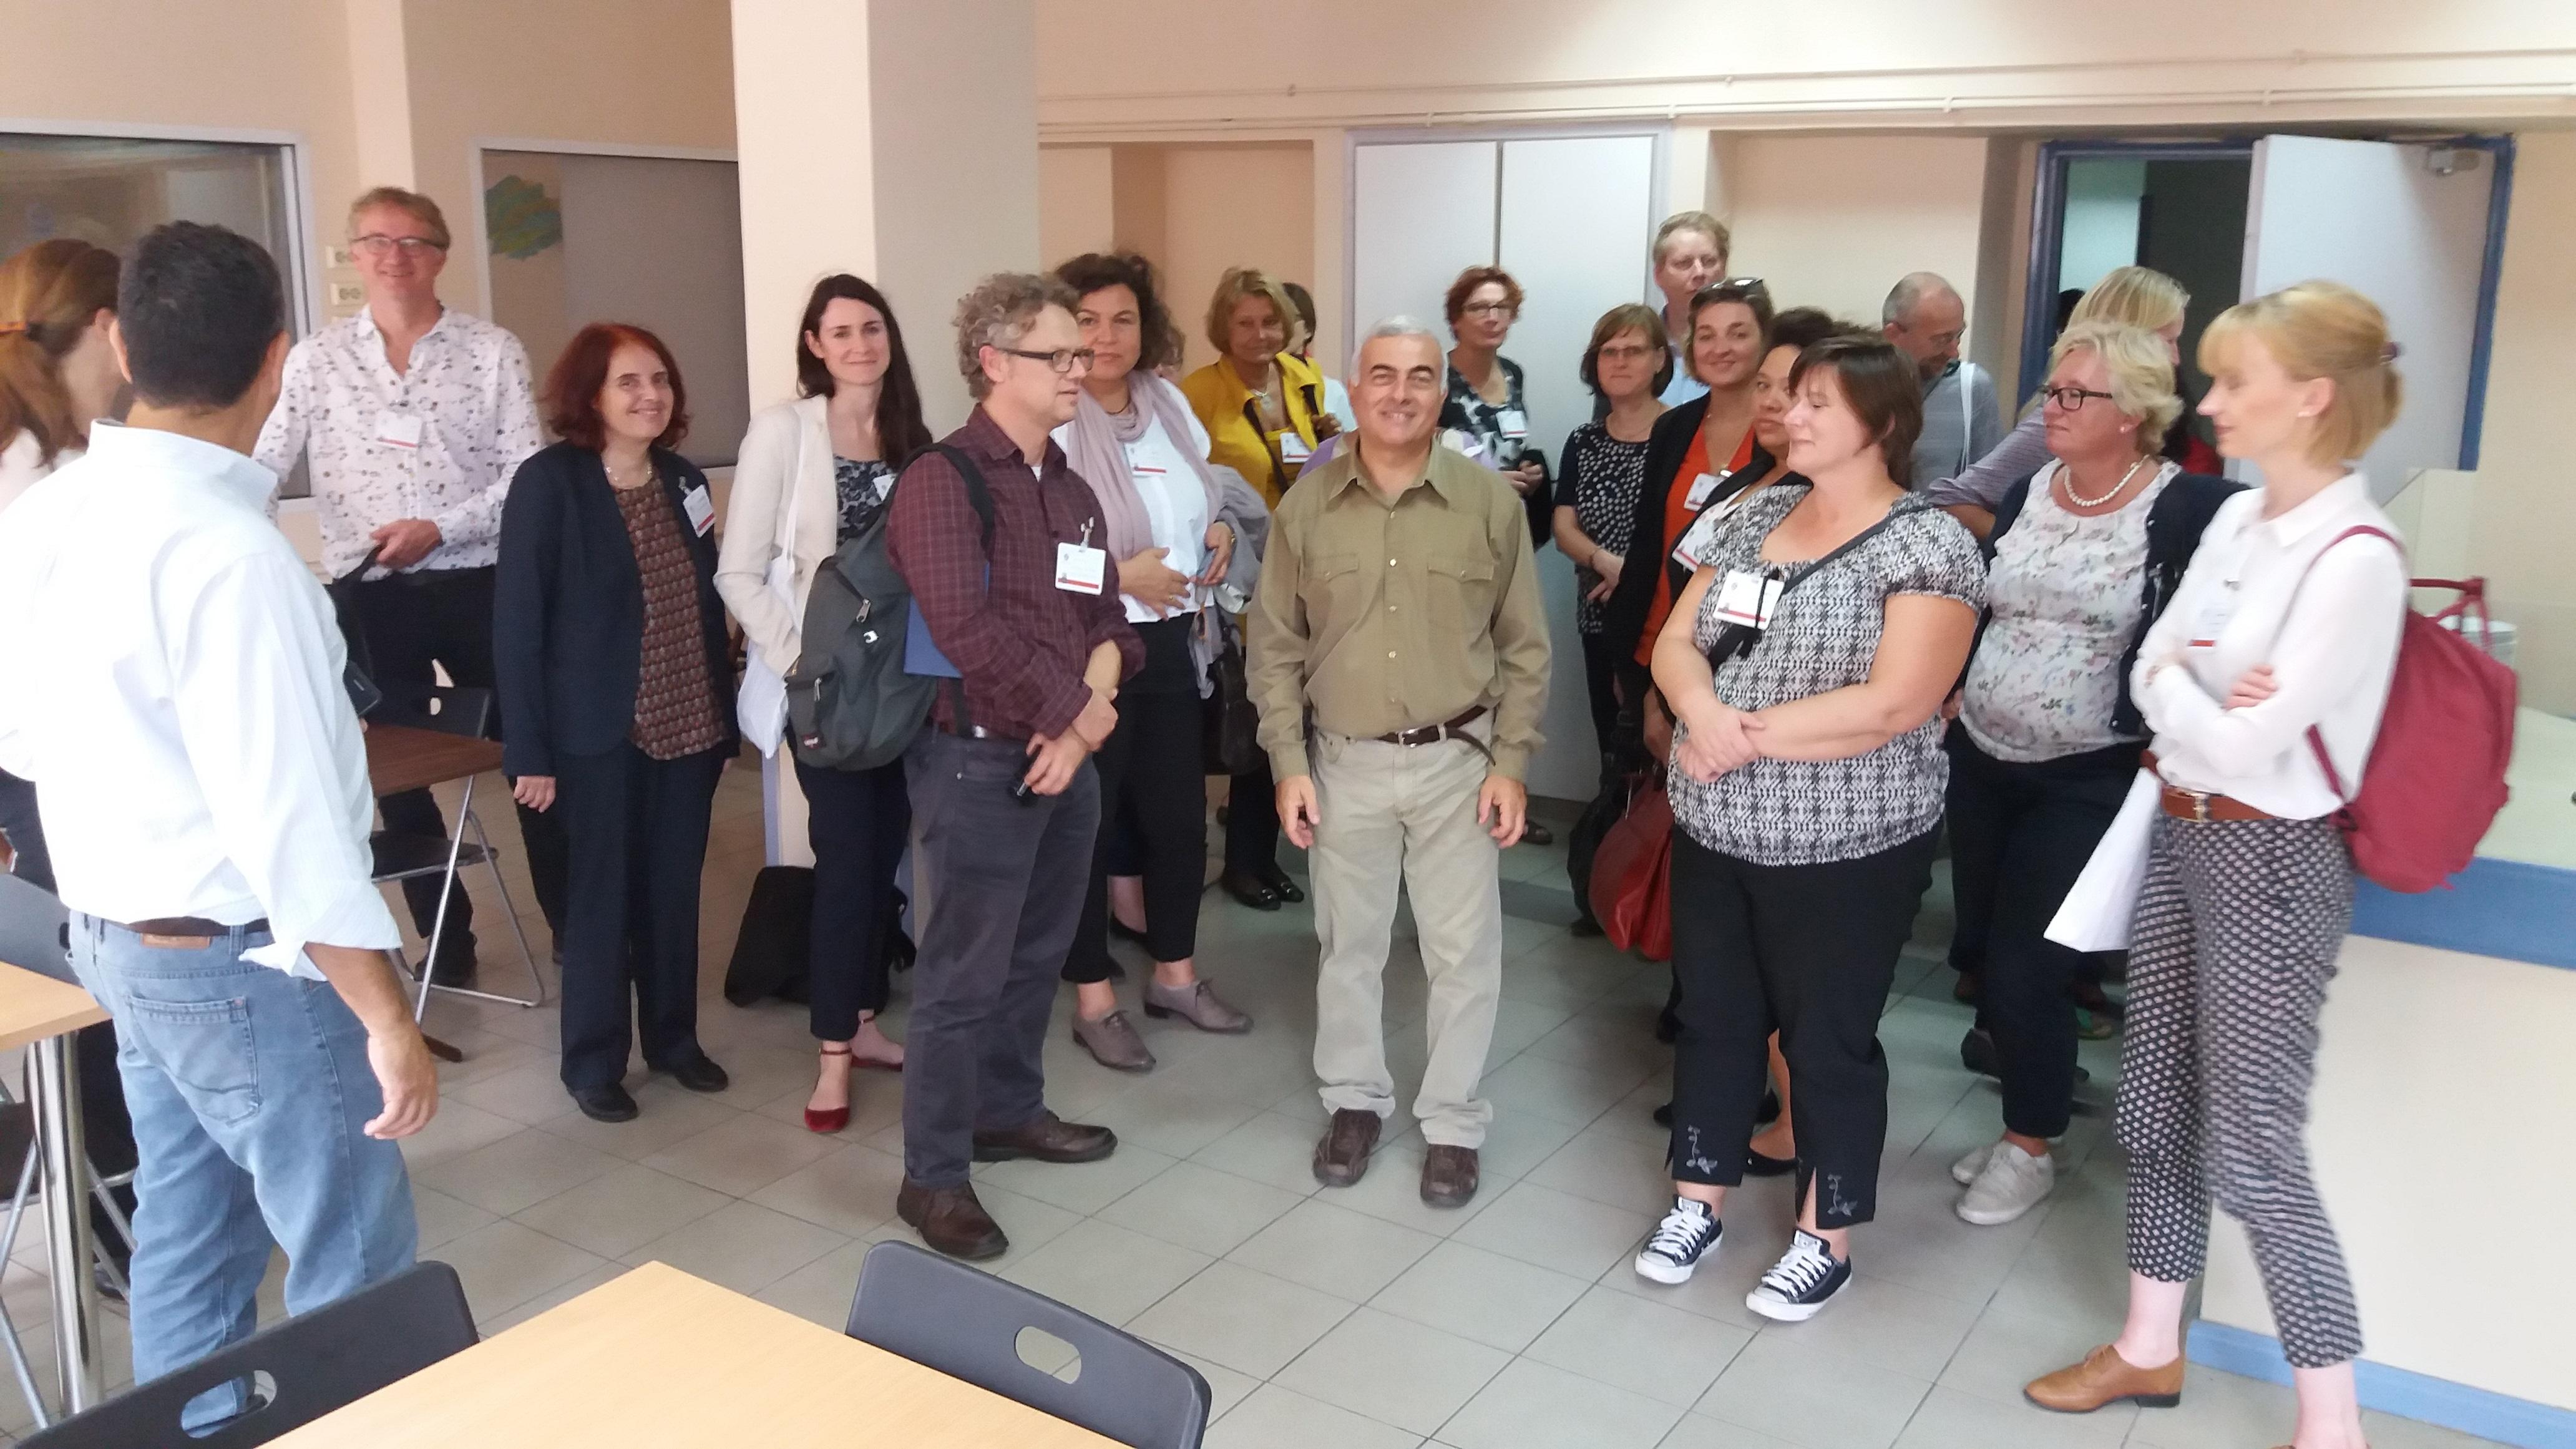 Εκπρόσωποι ευρωπαϊκών Δήμων επισκέπτονται το WELCOMMON